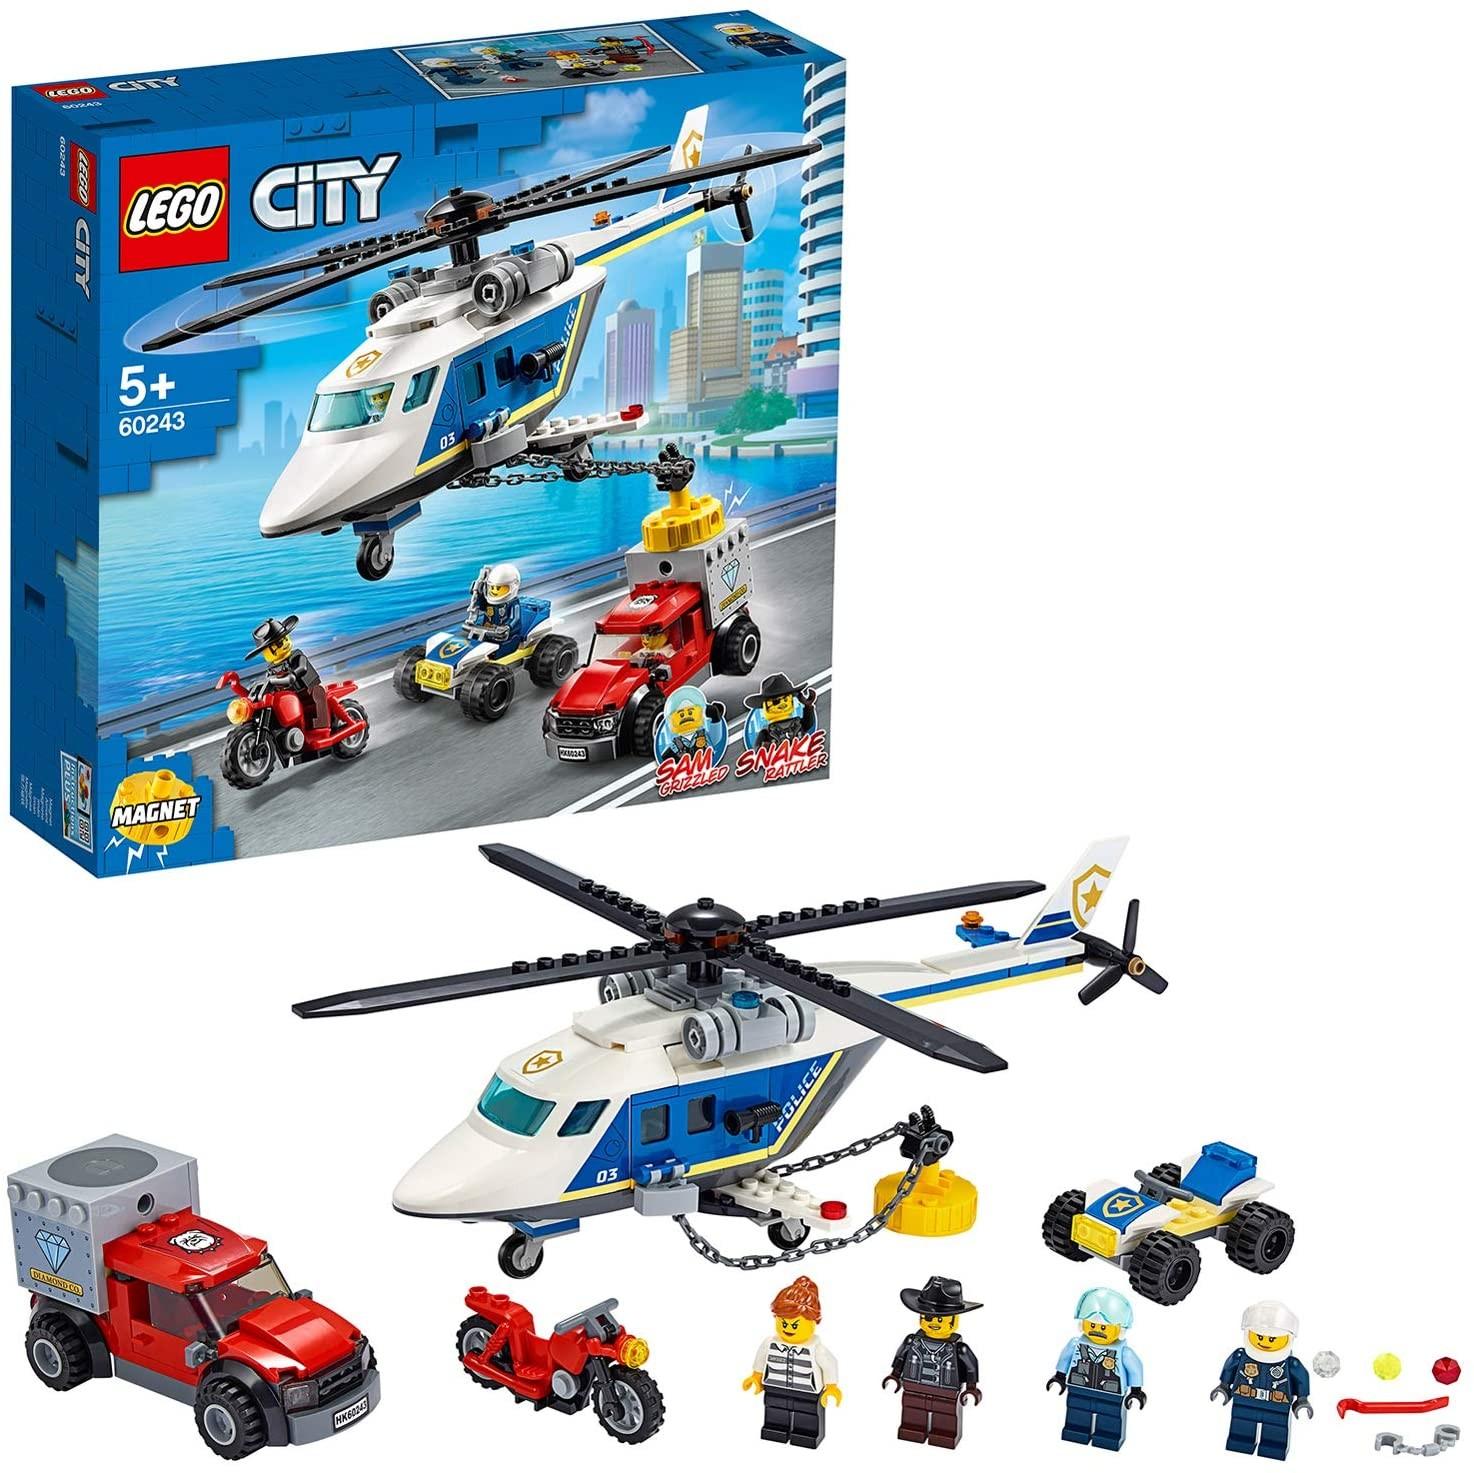 LEGO_City_Urmarire_cu_elicopterul_politiei_LEGO_60243_2